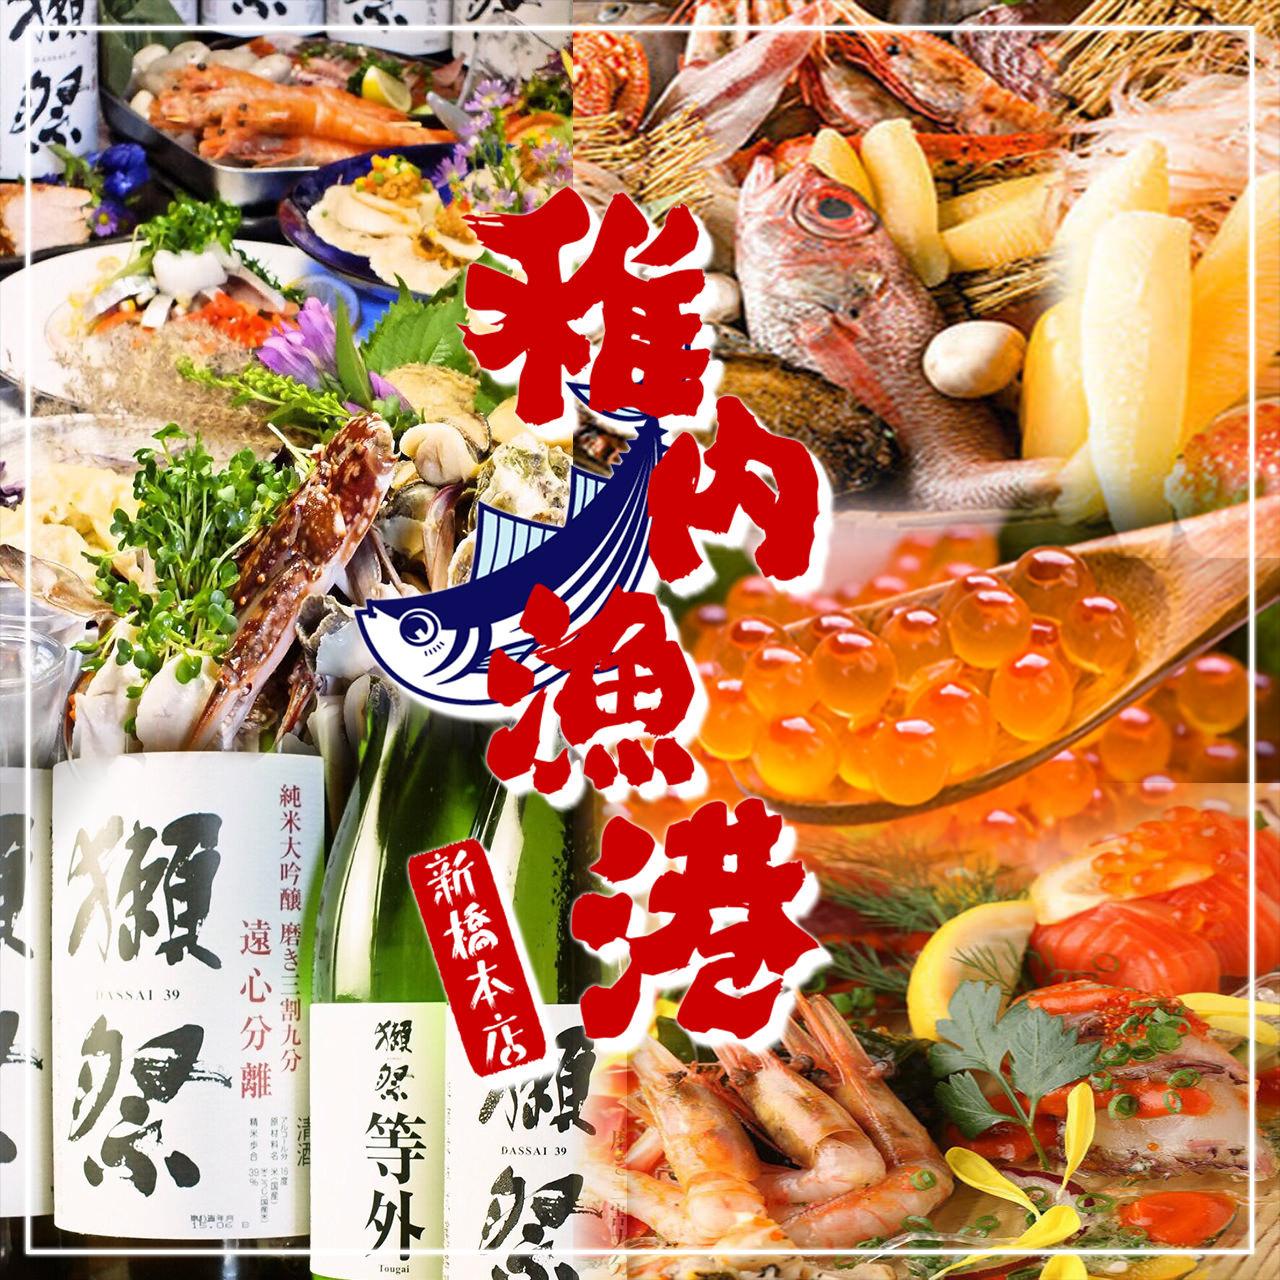 丸呑 稚内漁港 新橋本店のイメージ写真